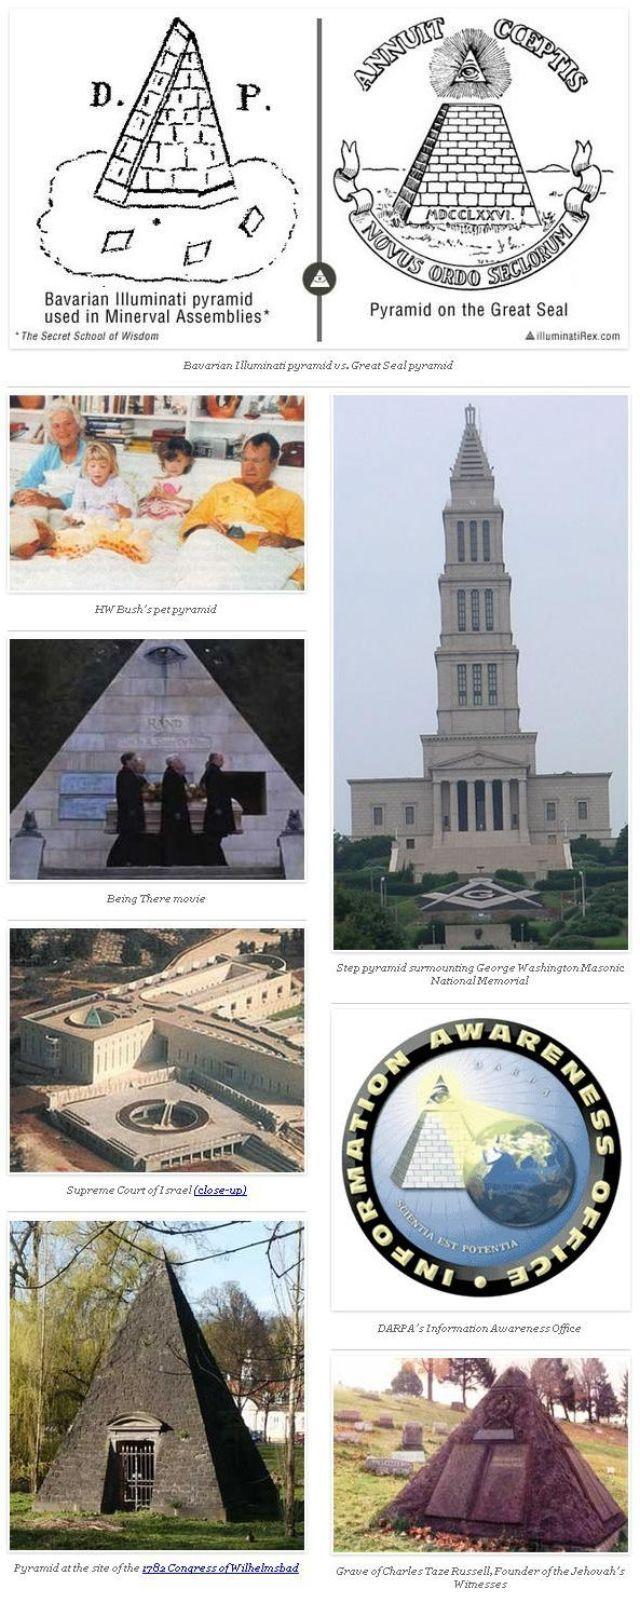 Inilah 15 Simbol Iluminati Yang Harus Anda Ketahui 1 Eramuslim